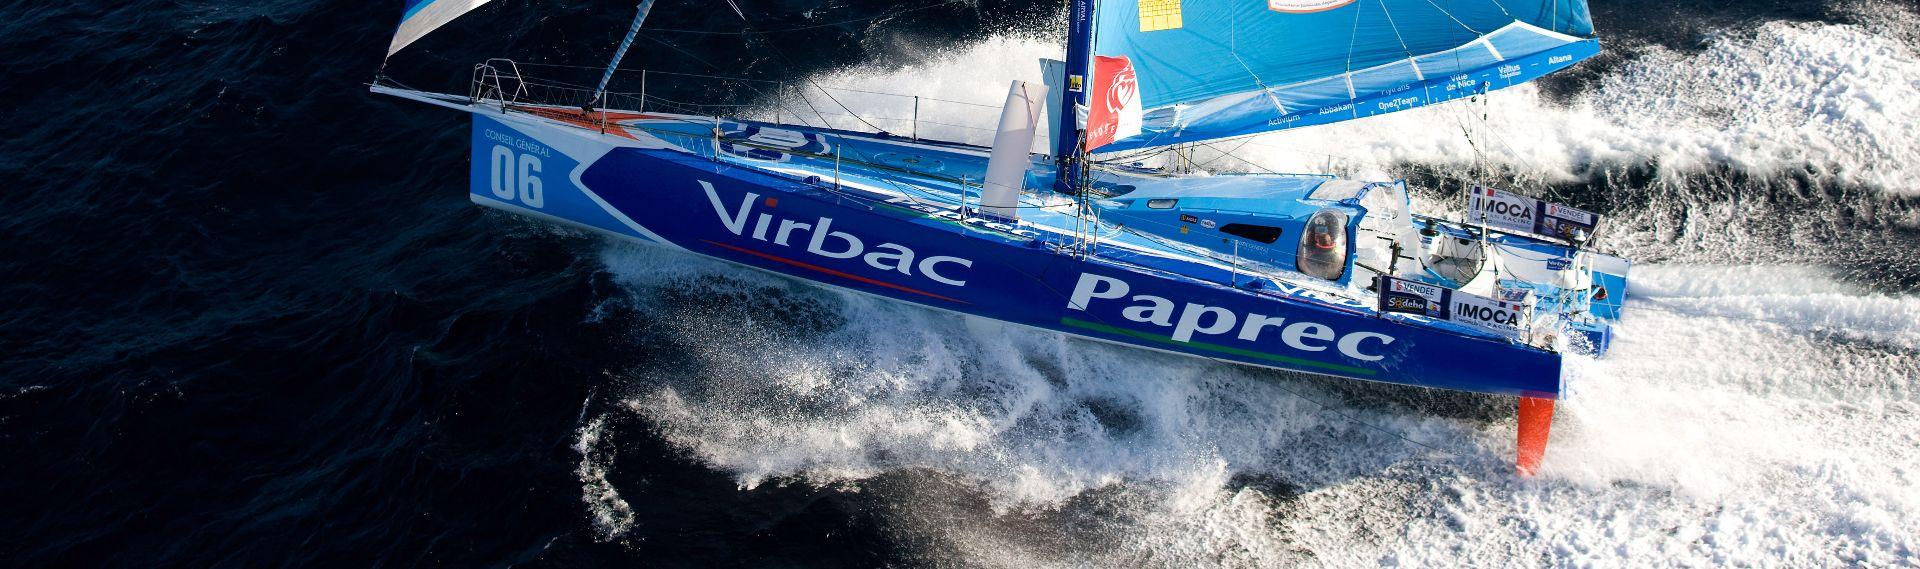 Jean-Pierre-D-Triple vainqueur de la Transat Jacques Vabre-5